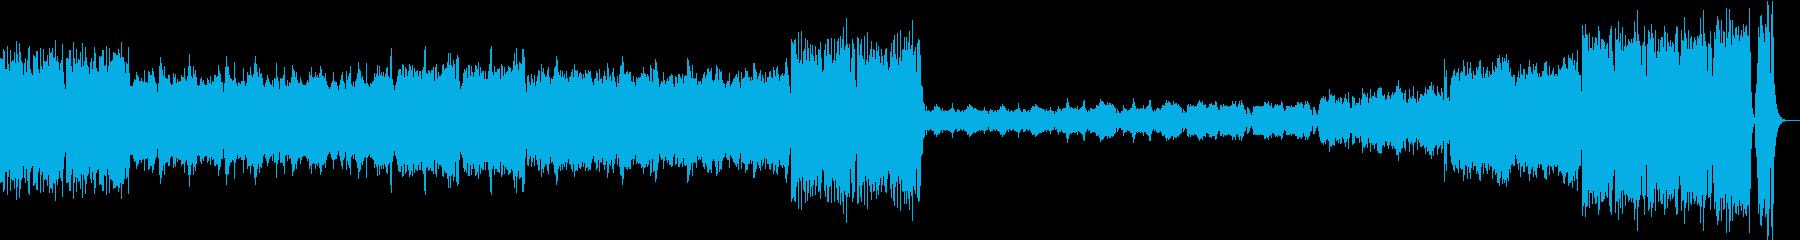 賑やかで楽しい場所に合う楽曲の再生済みの波形